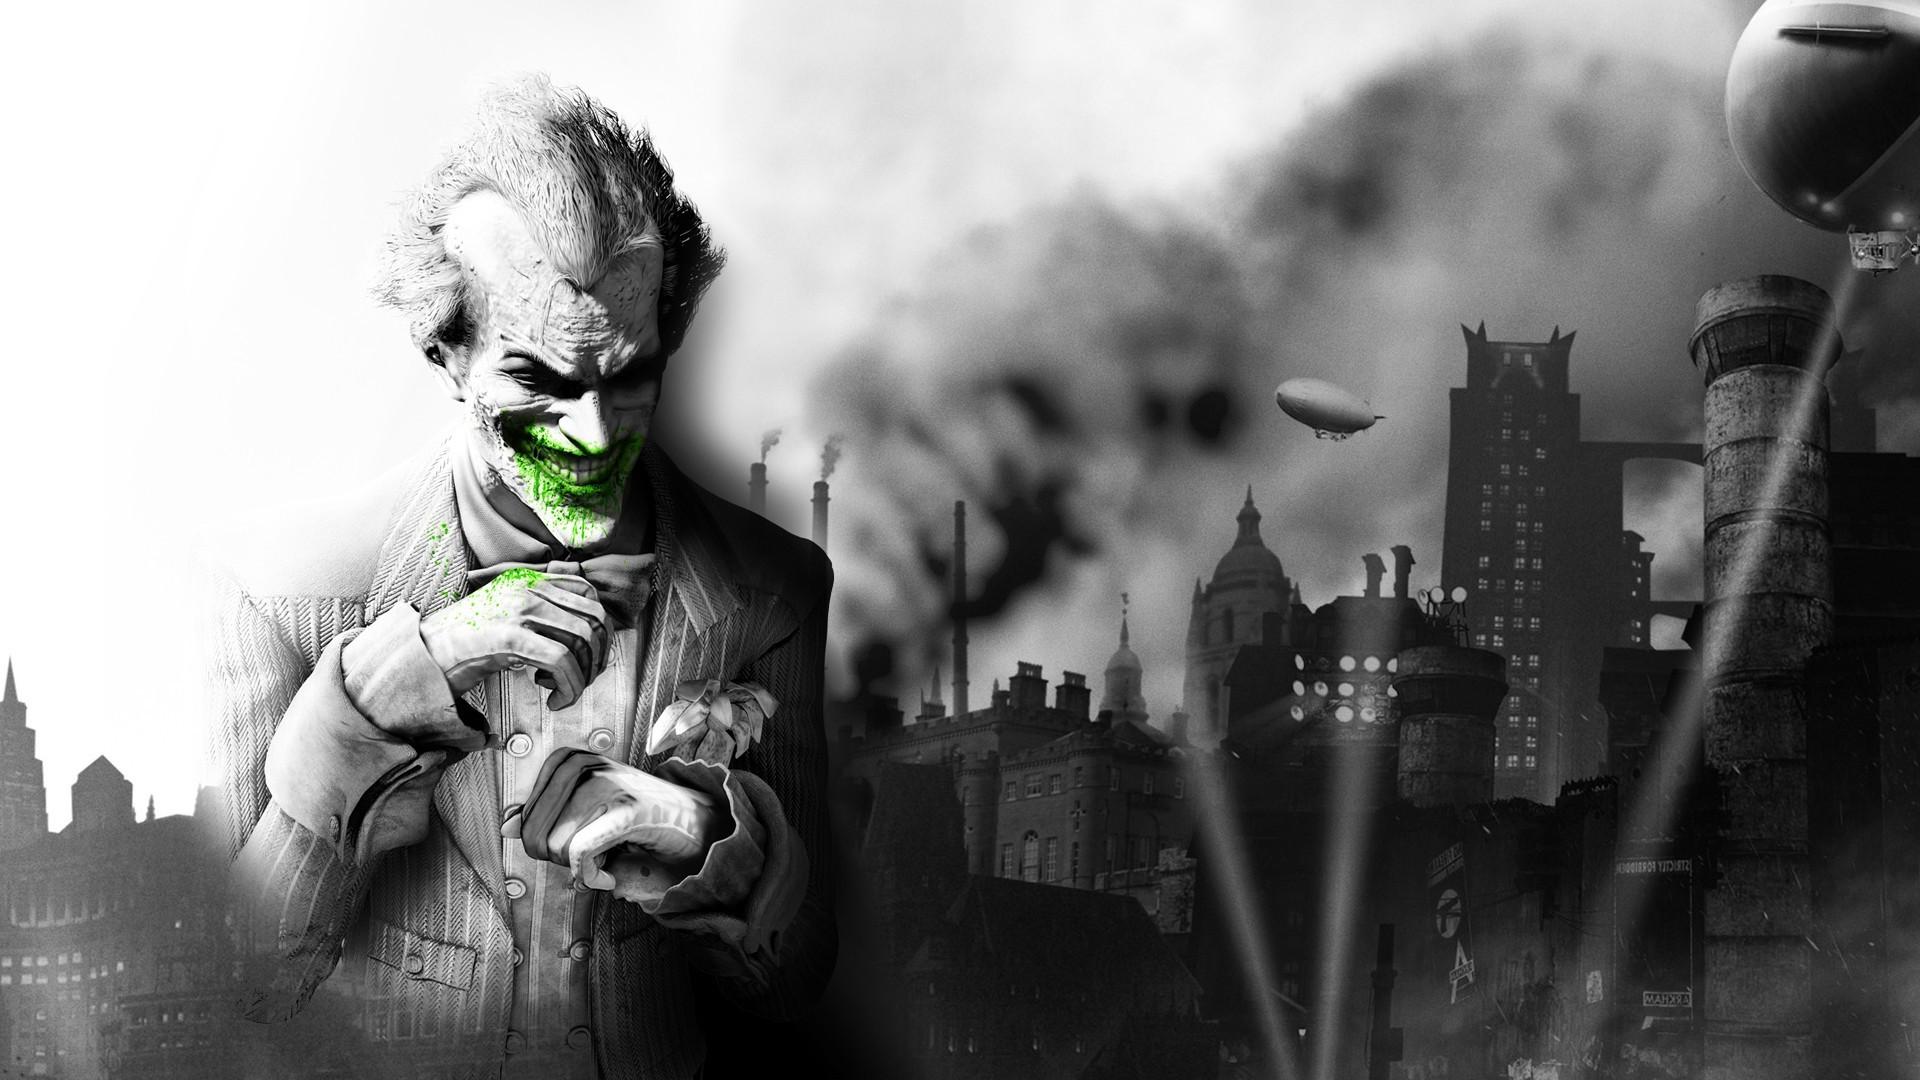 wallpaper : video games, batman arkham city, joker, statue